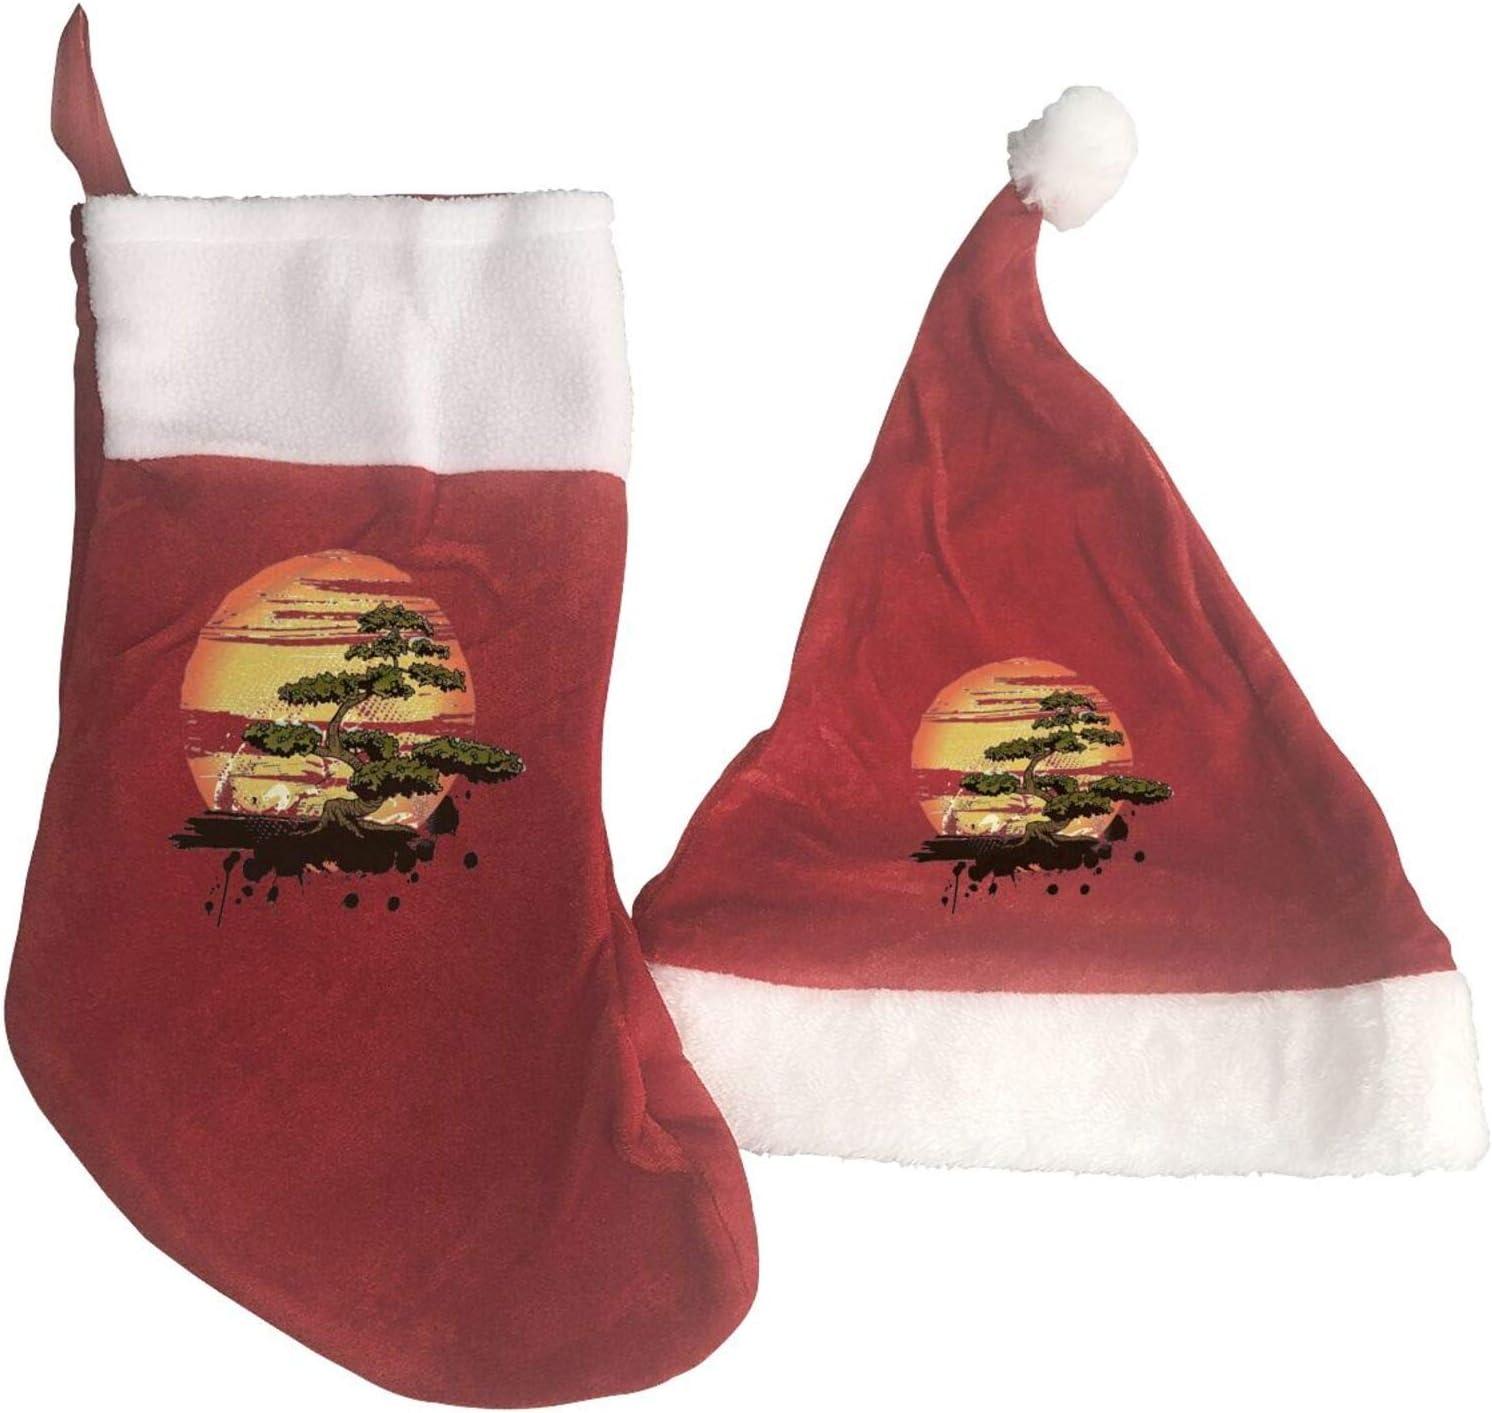 MXDISIWD Navidad Decoraciones Conjuntos 2 Unids Bonsái Árbol Karate Dojo Navidad Sombreros y Medias de Navidad